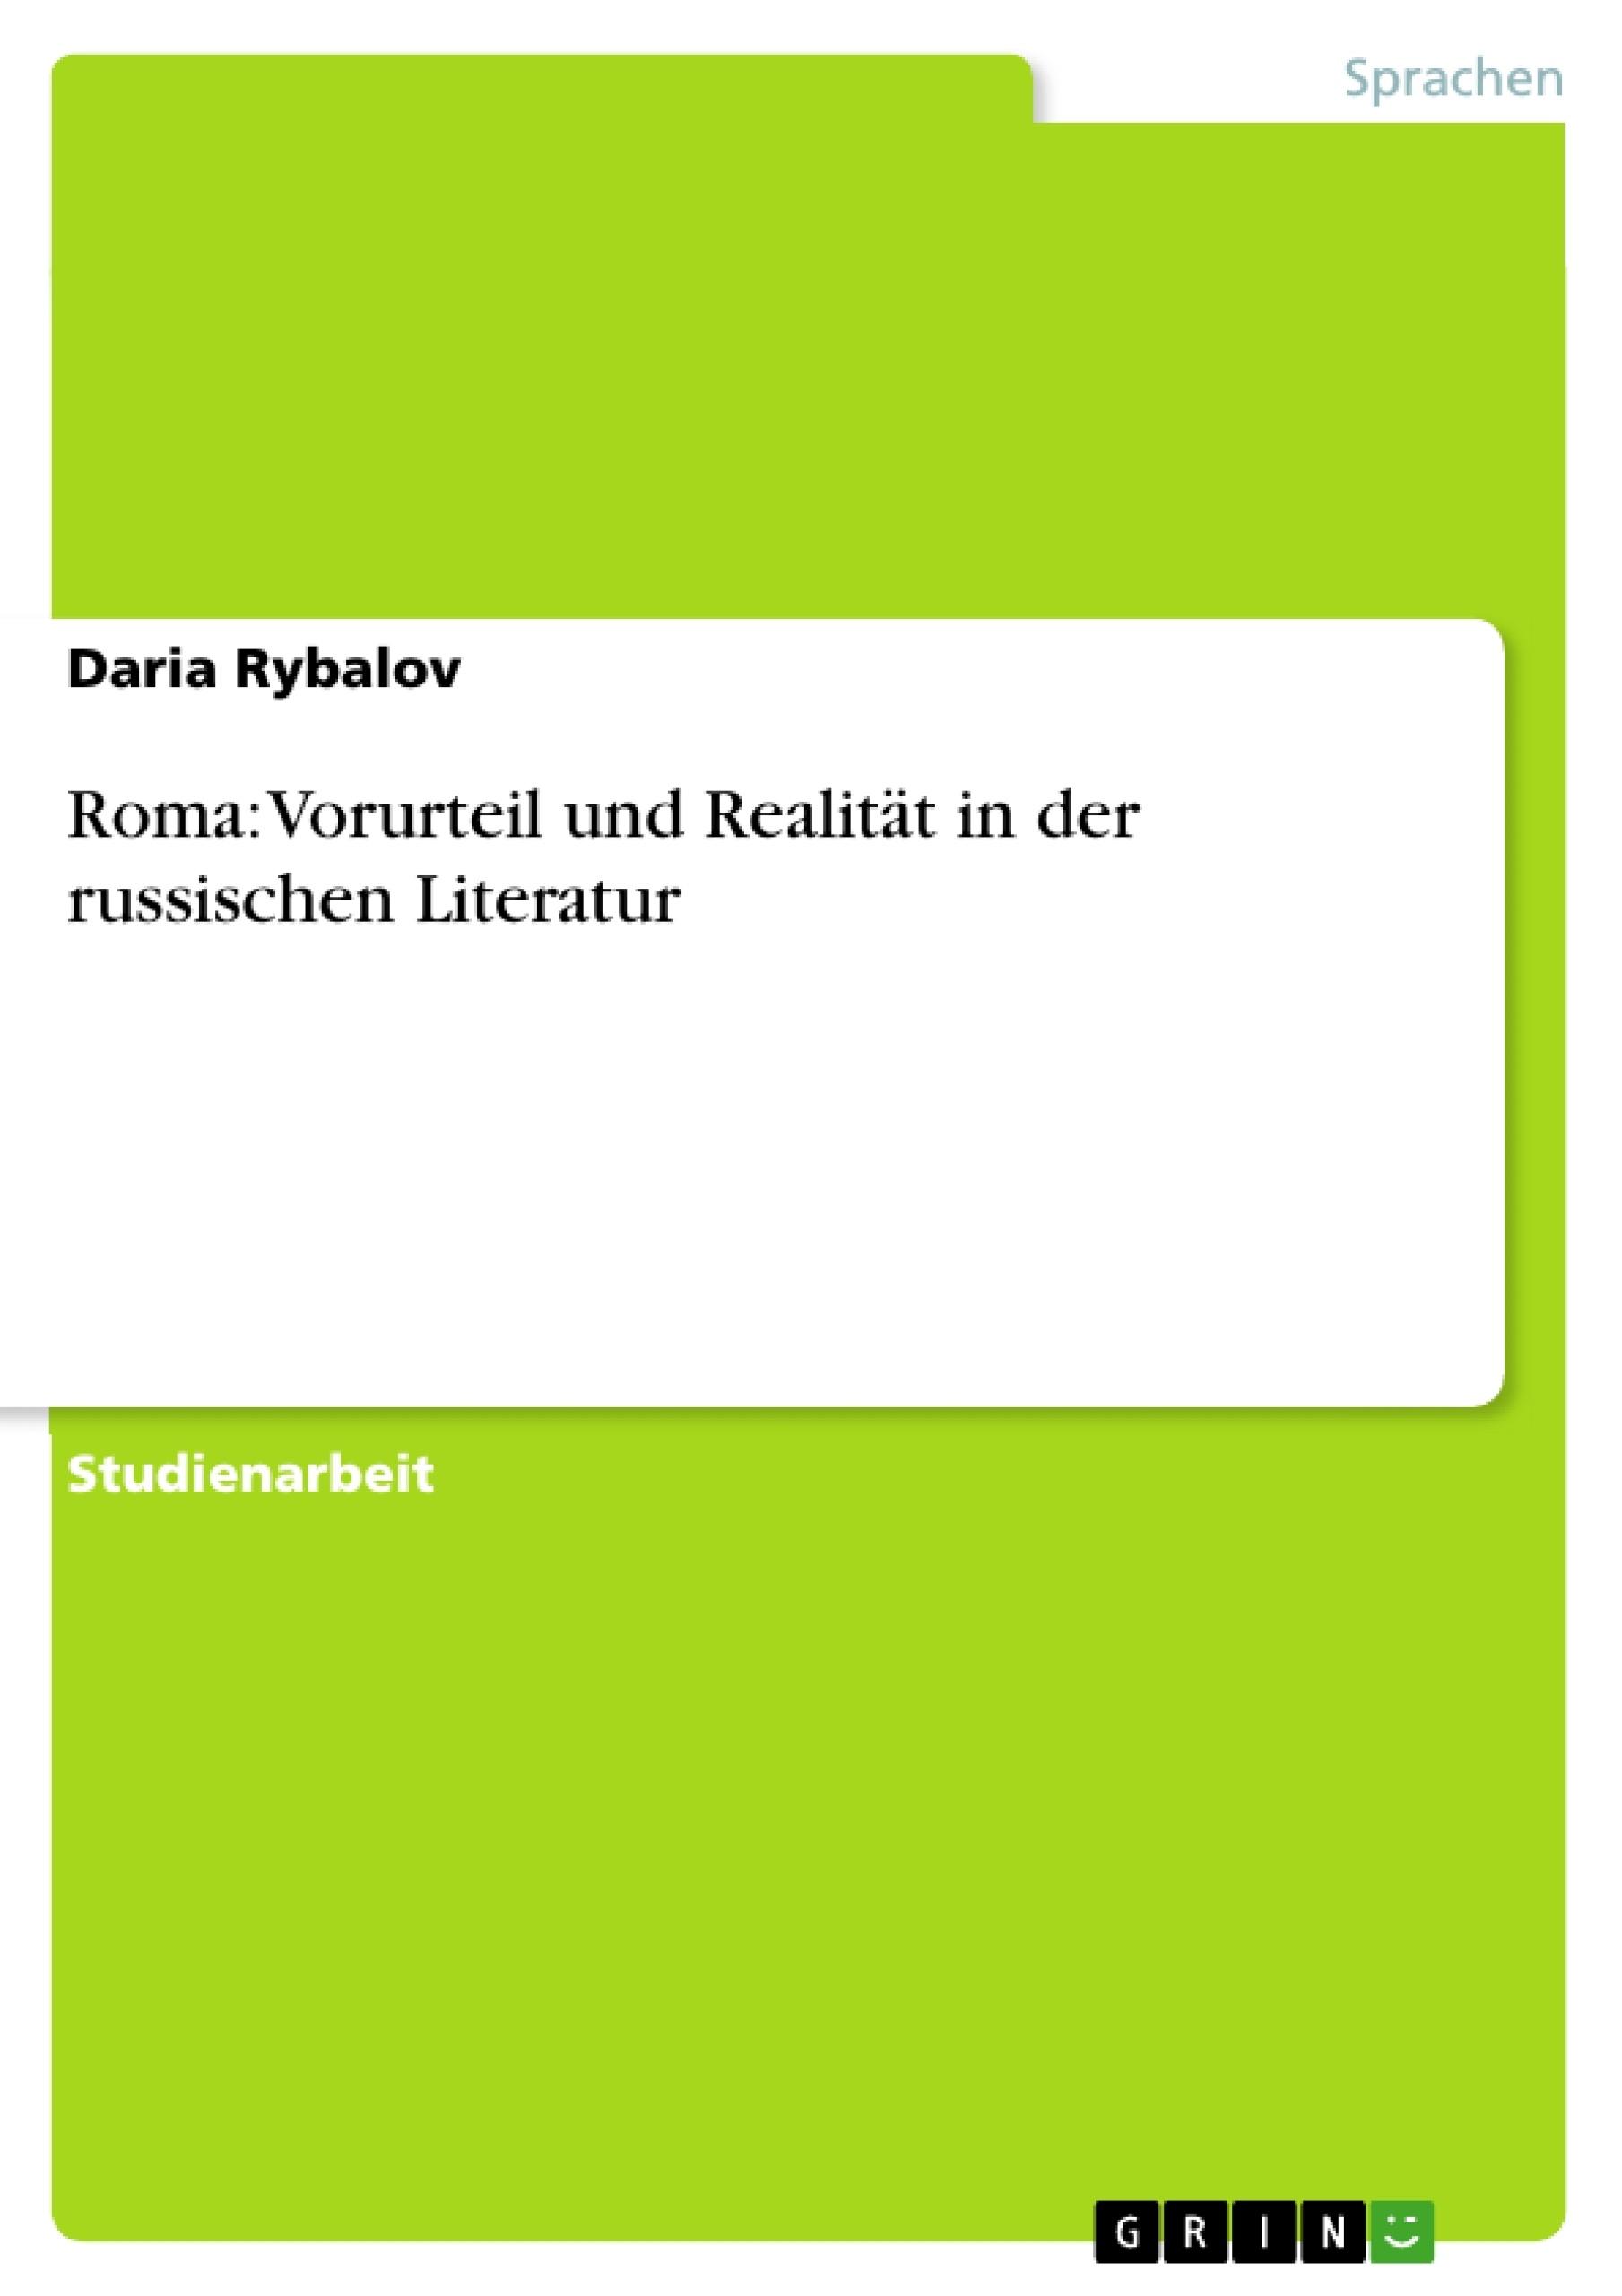 Titel: Roma: Vorurteil und Realität in der russischen Literatur